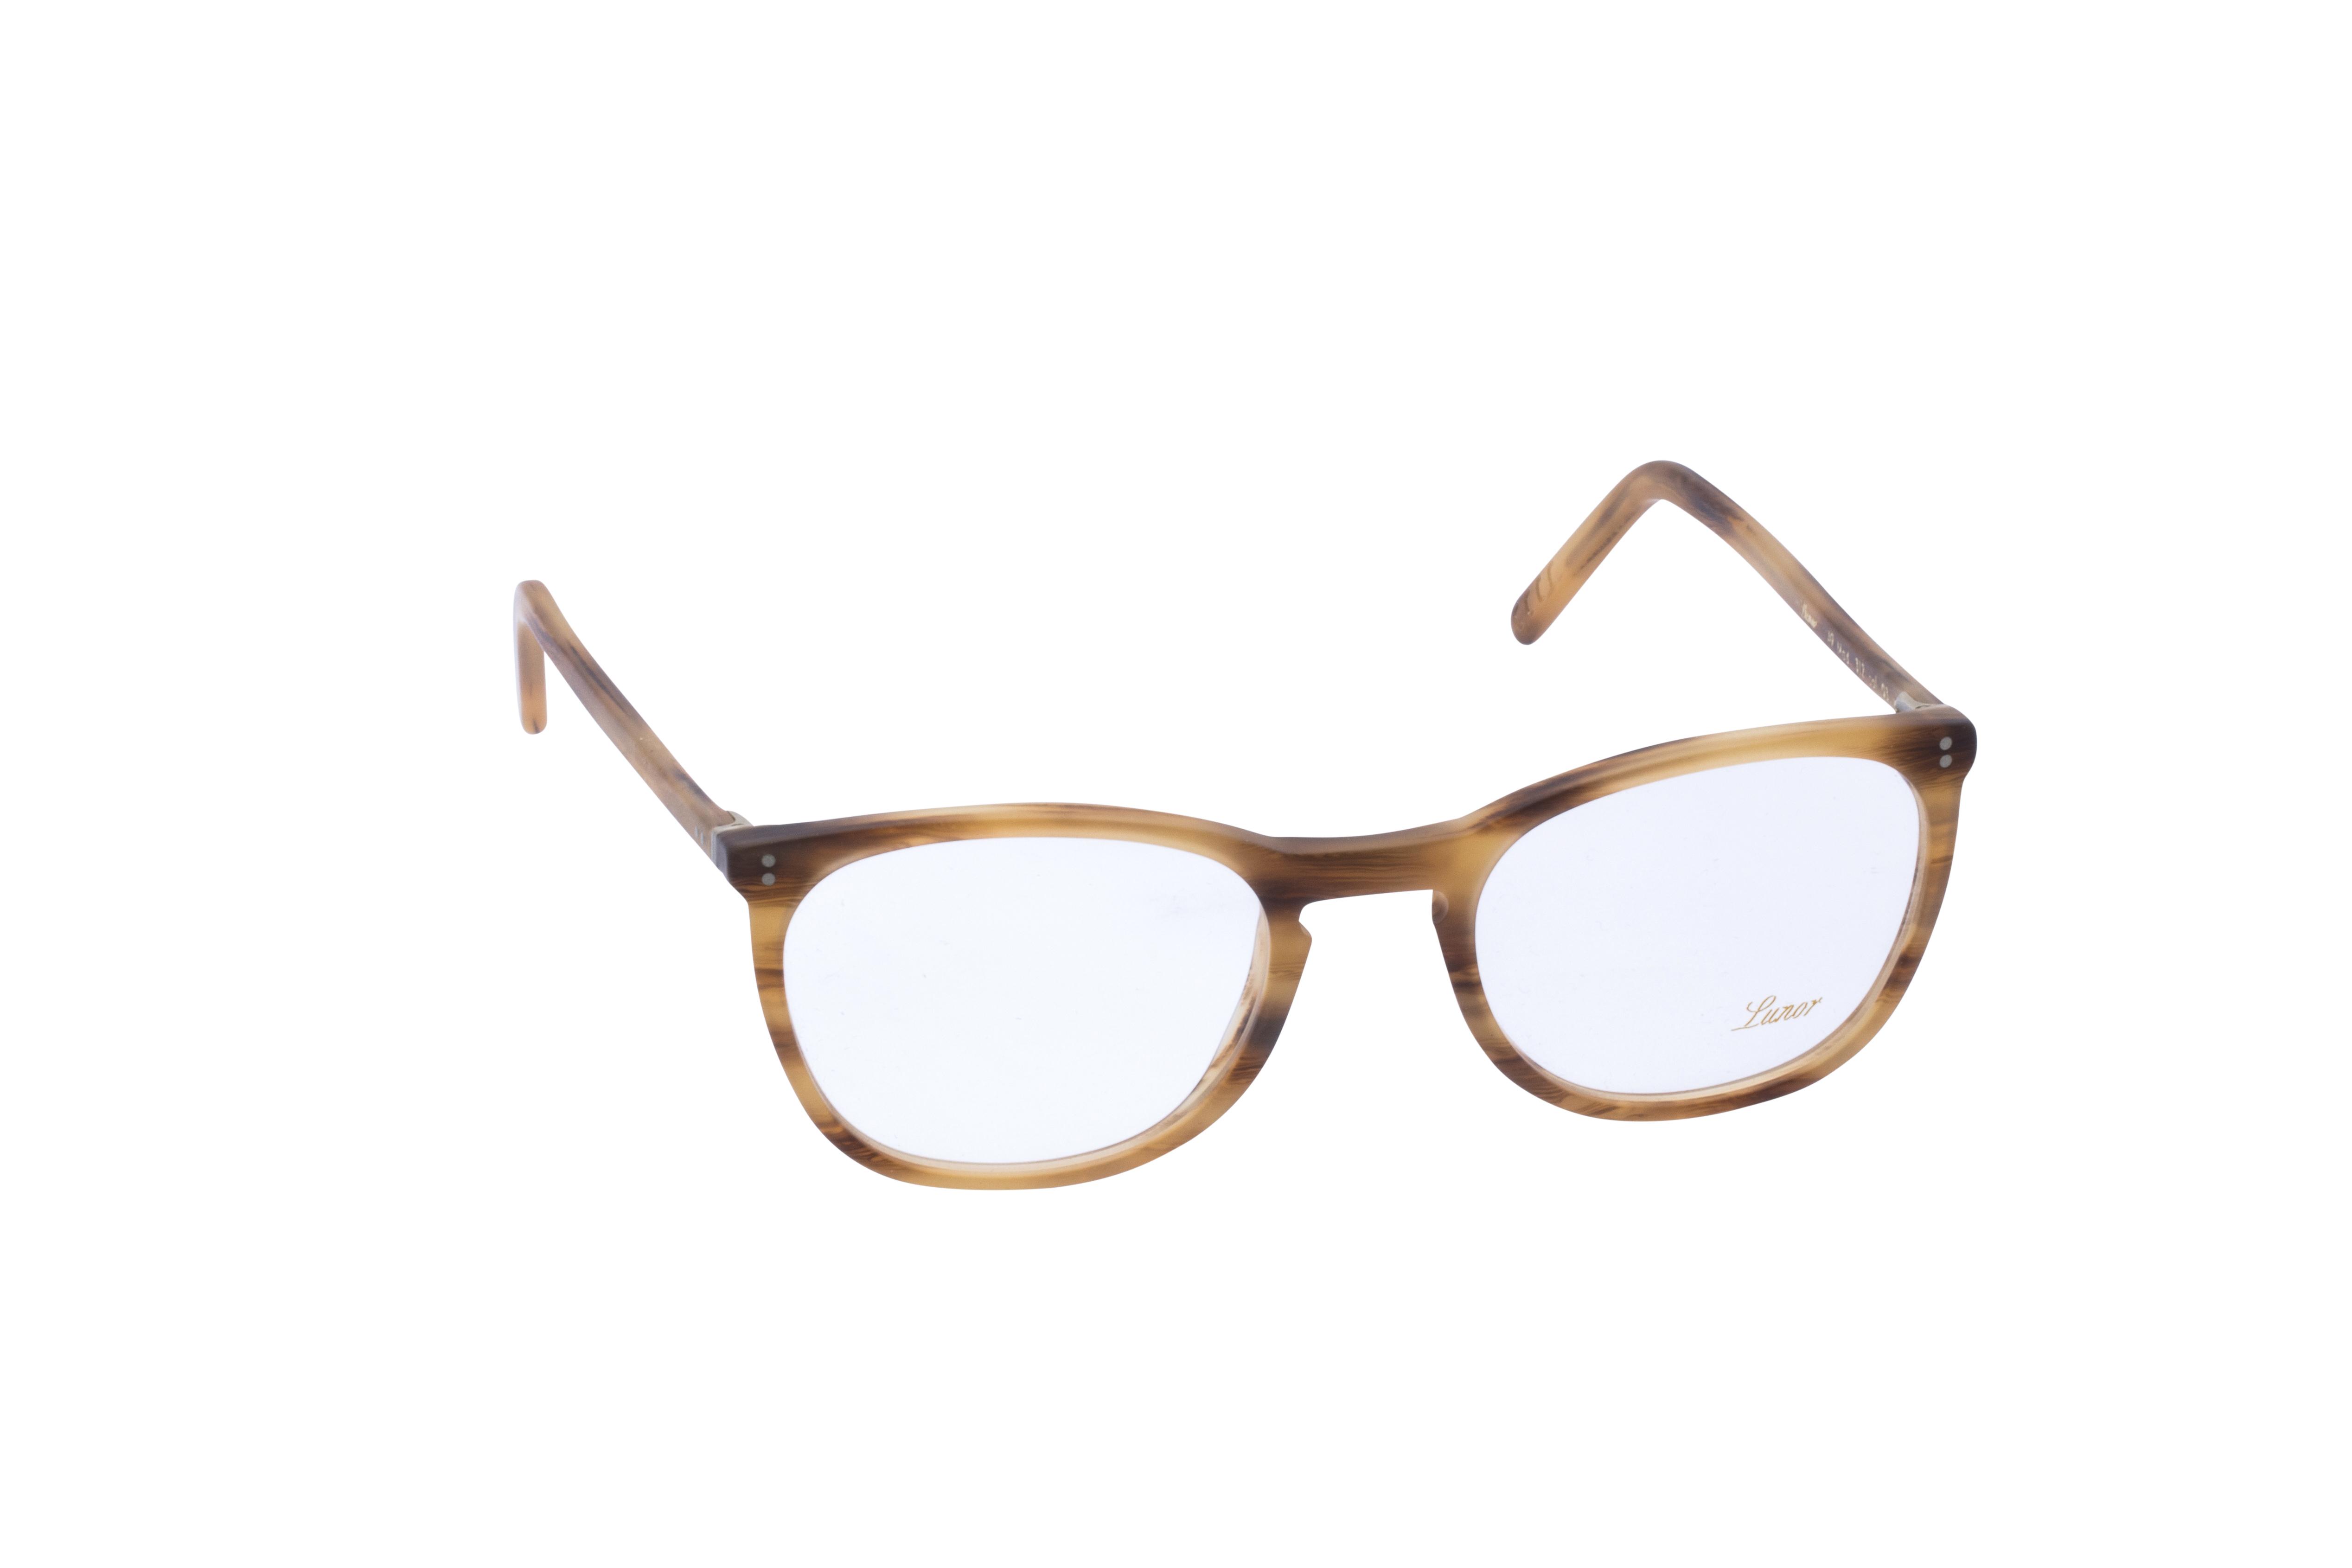 360 Grad Ansicht 1 Lunor 312, Brille auf Weiß - Fassung bei KUNK